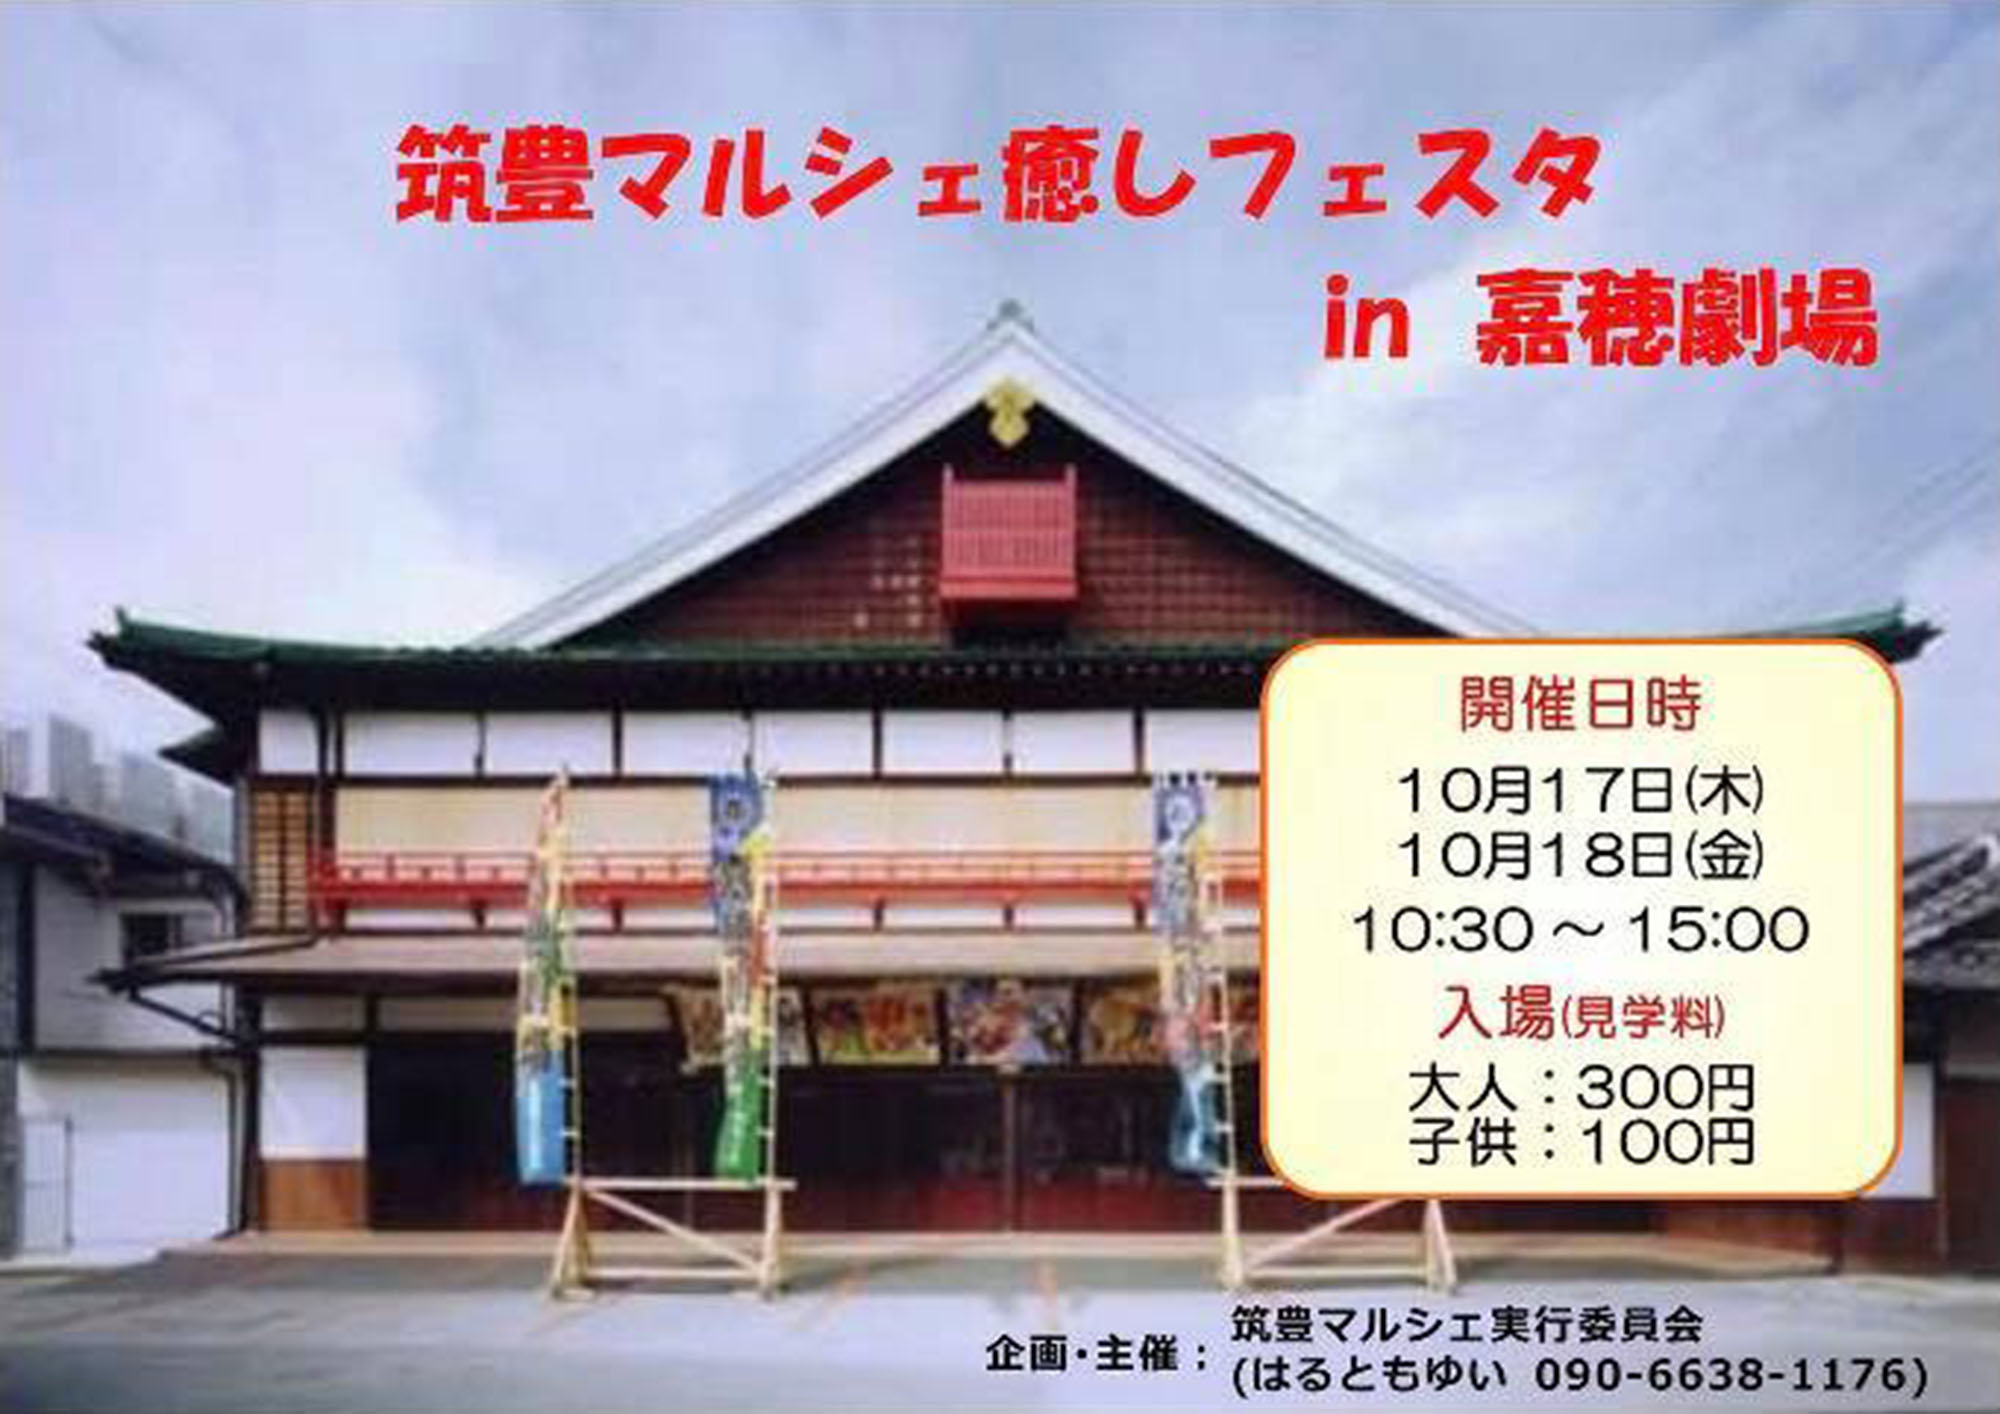 筑豊マルシェ 癒しフェスタ in 嘉穂劇場